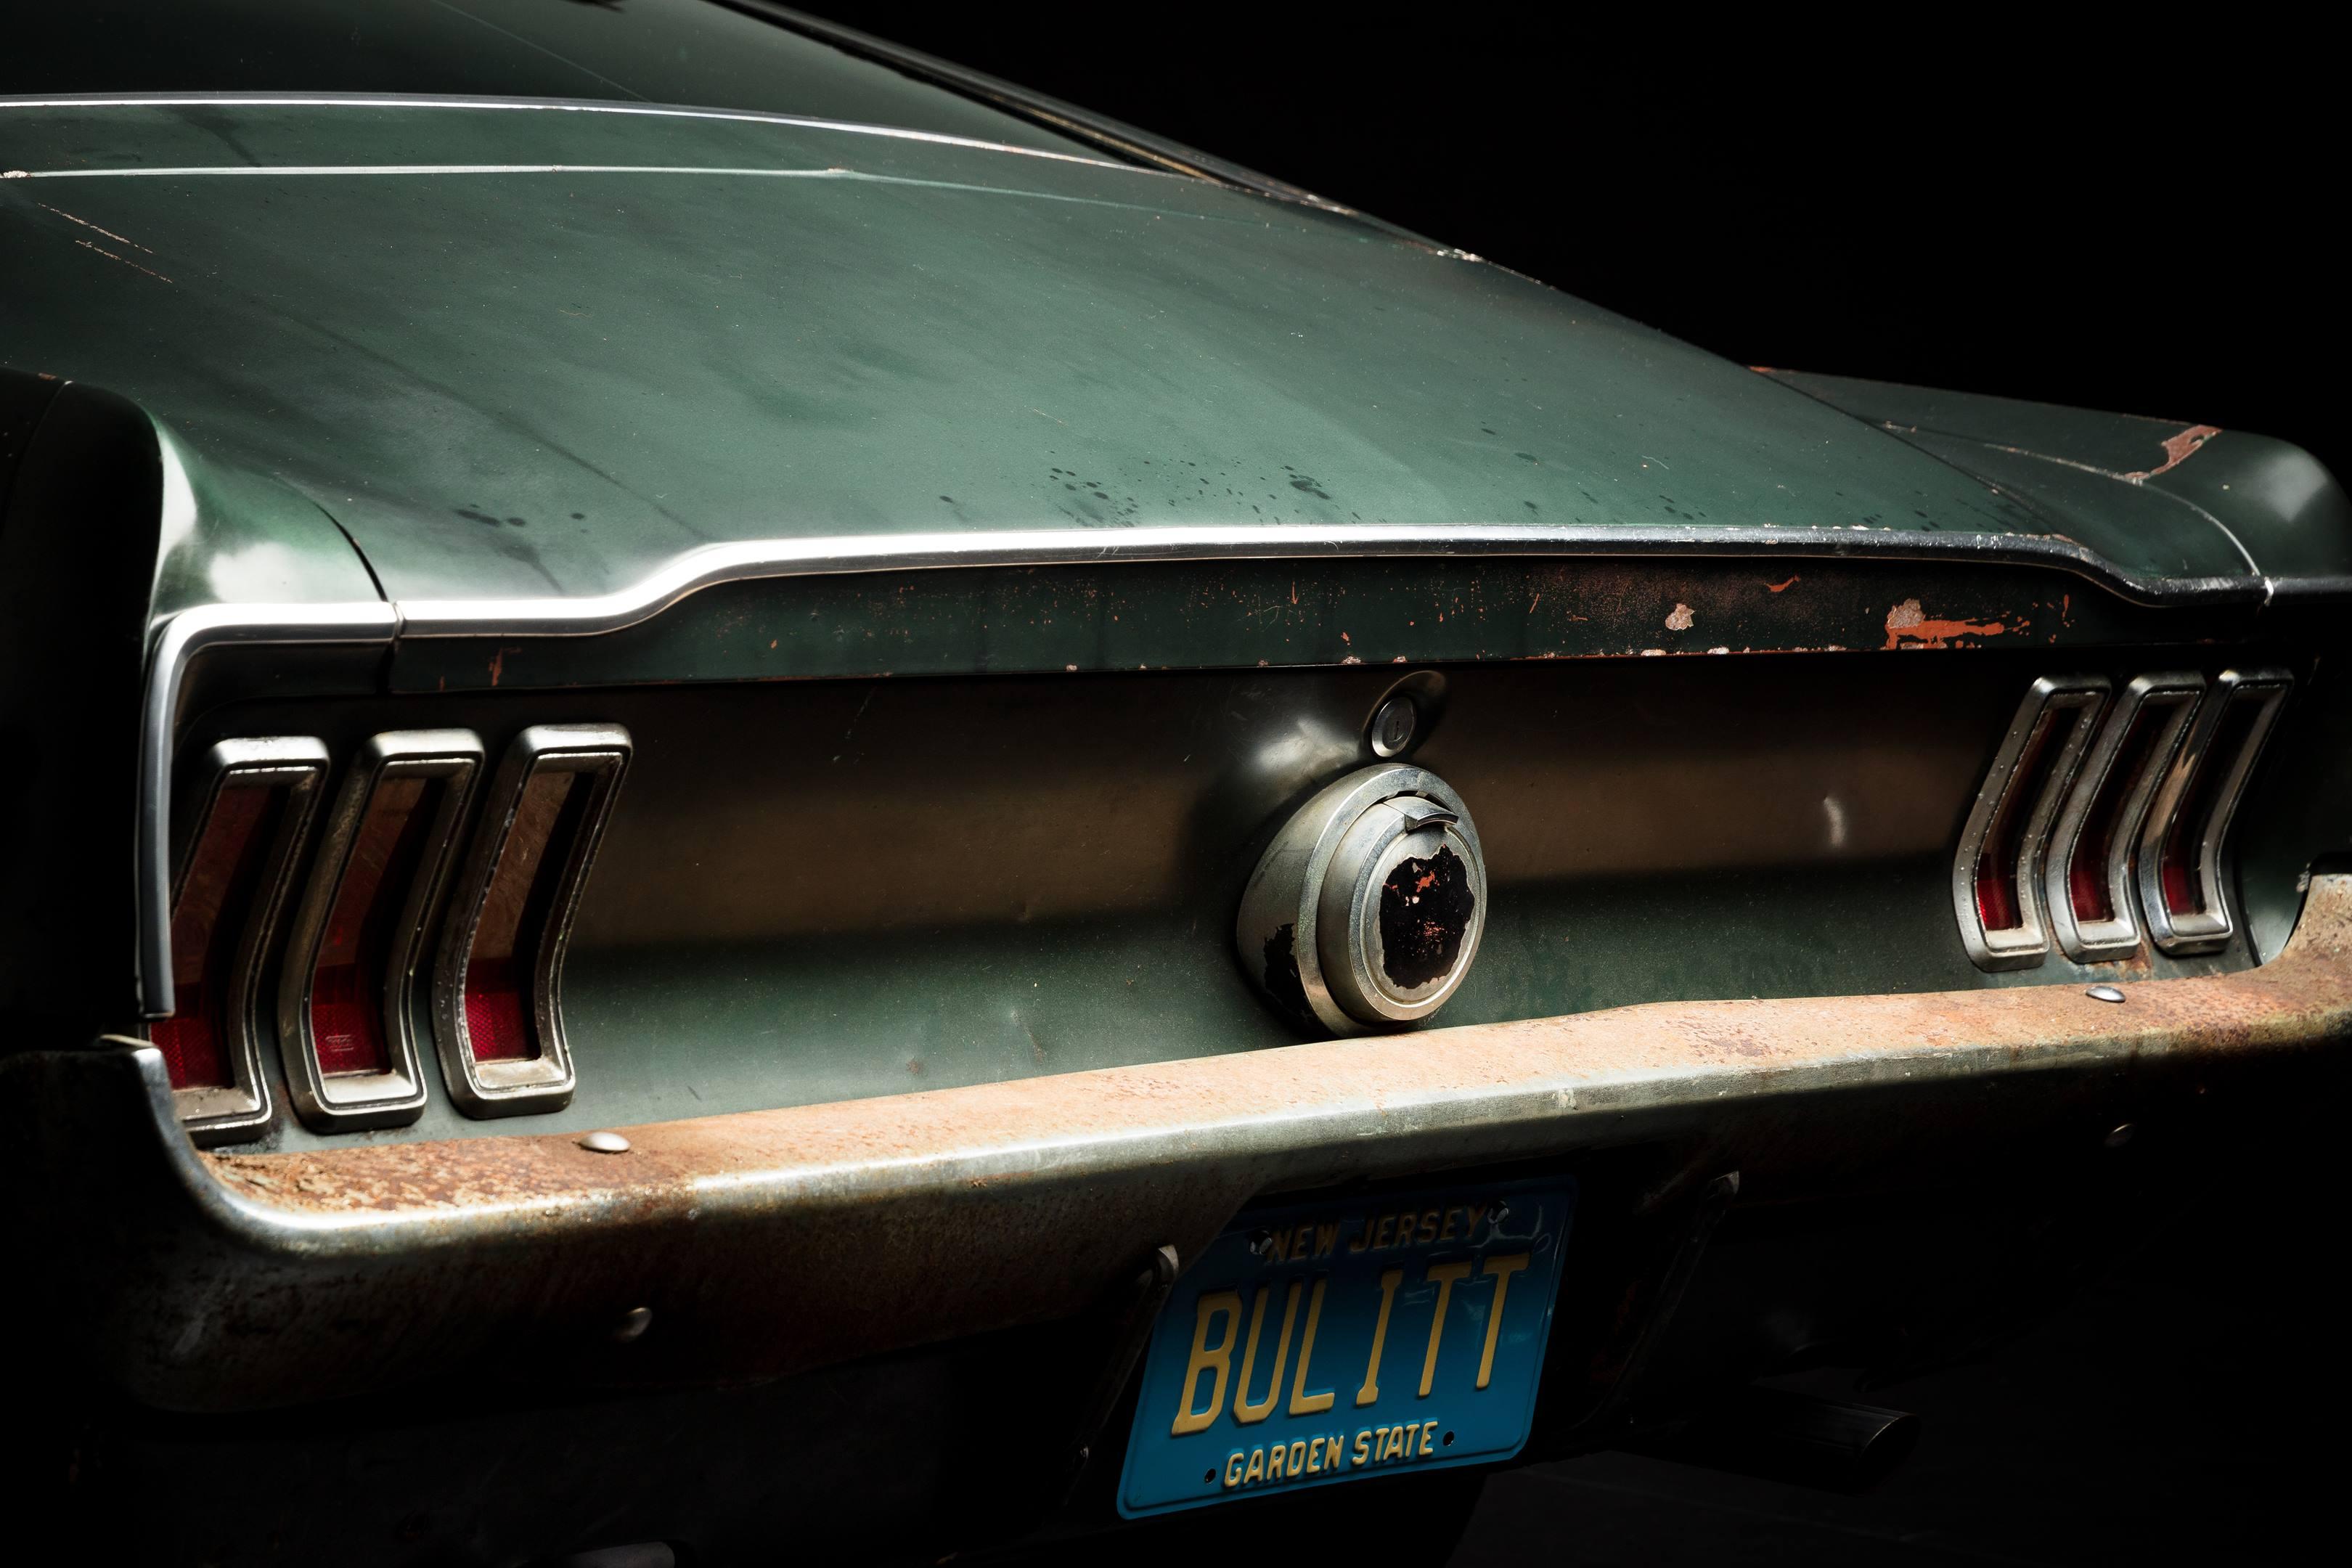 Bullitt Mustang rear bumper detail